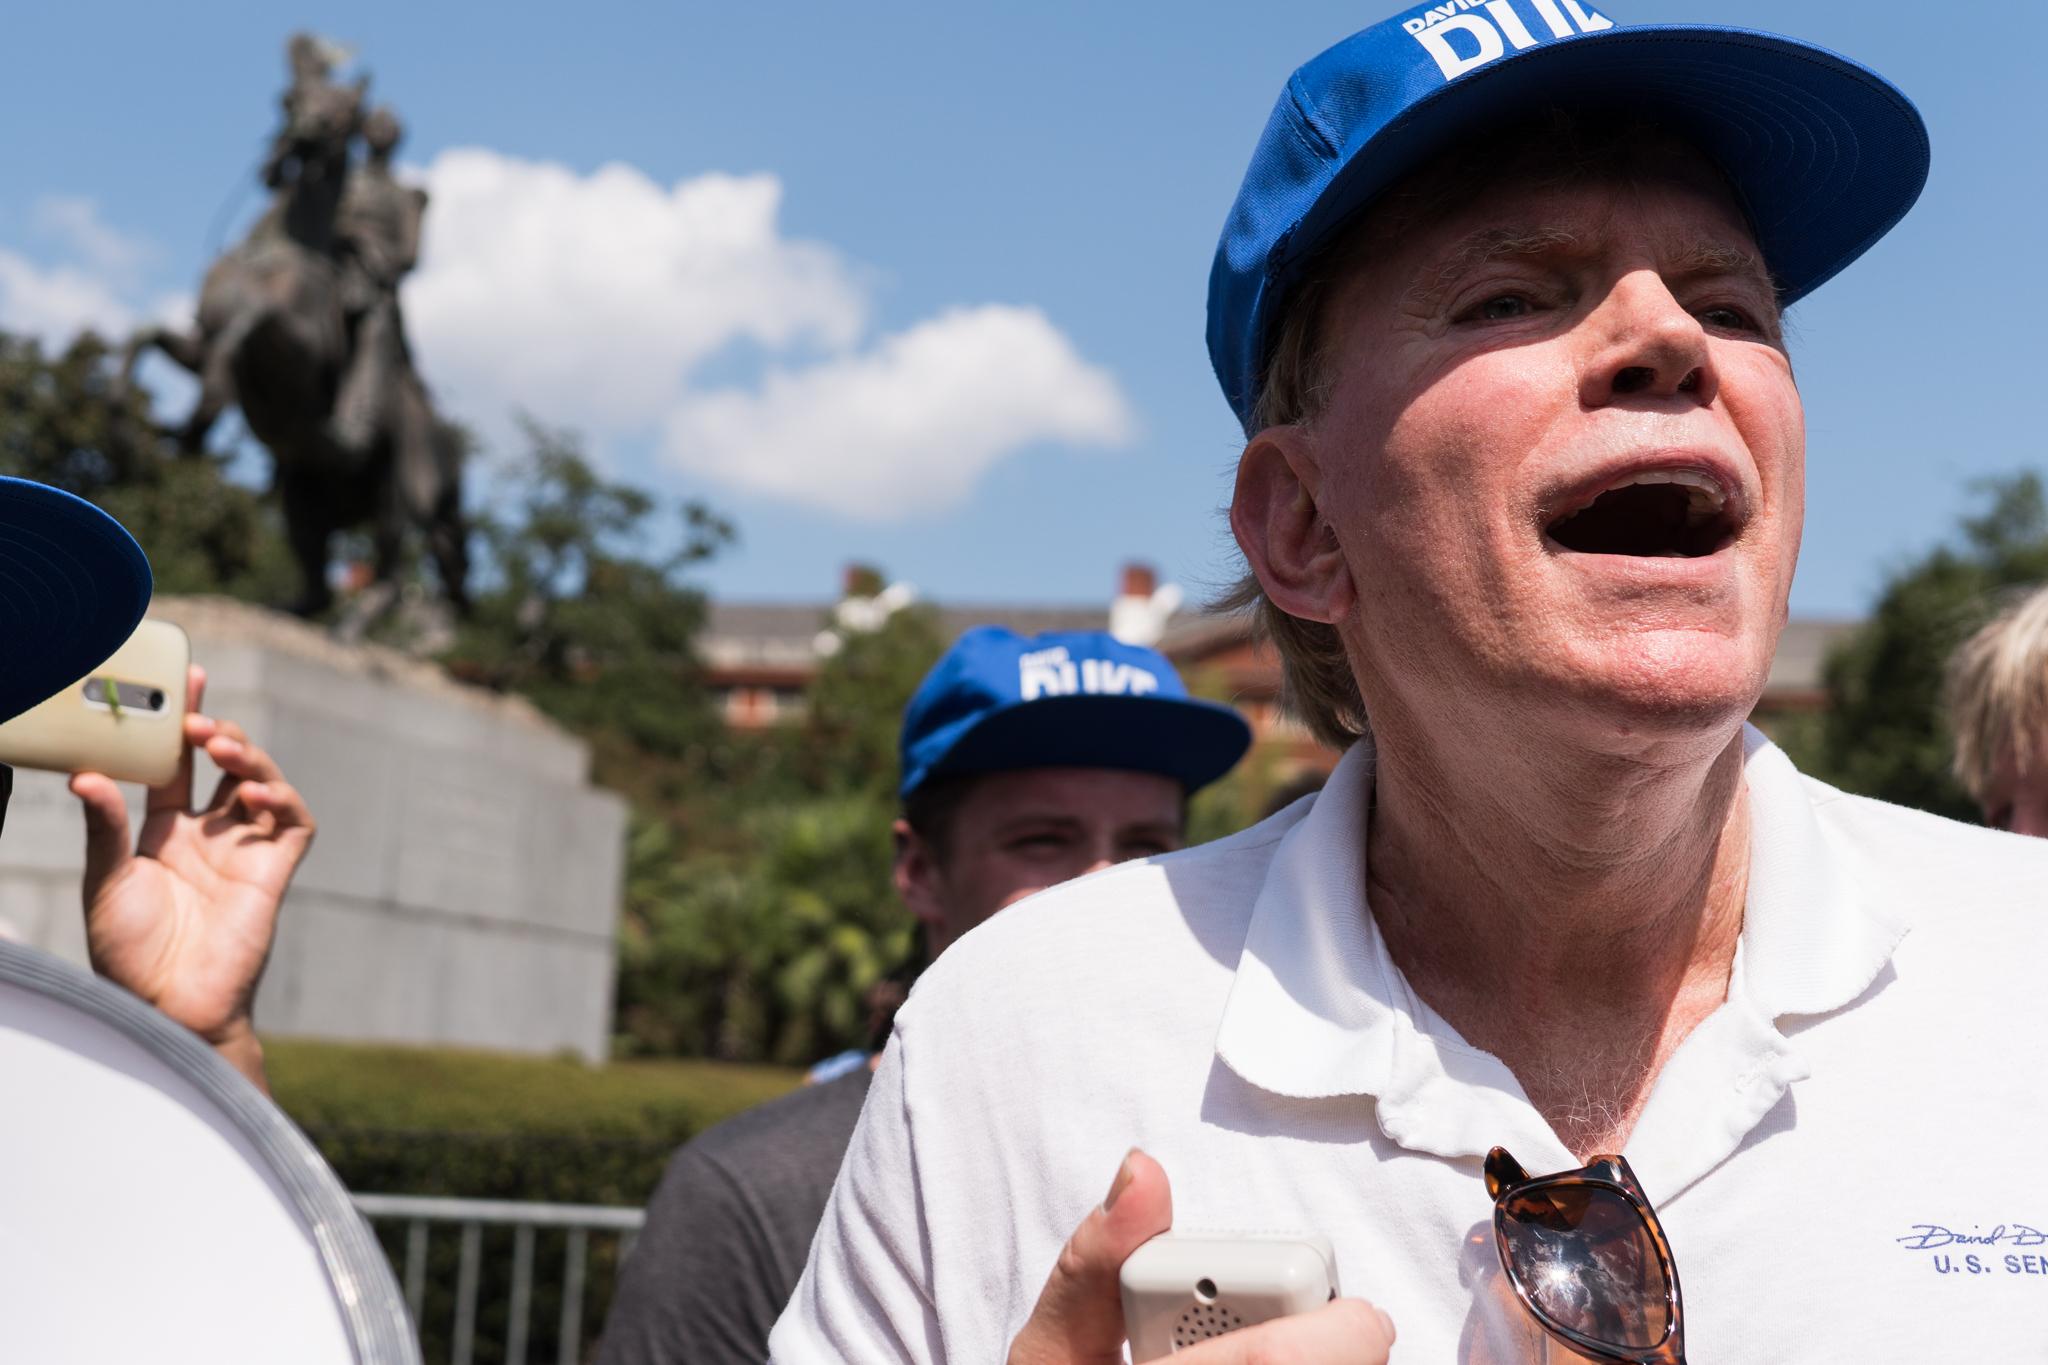 David Duke yelling back at protesters.